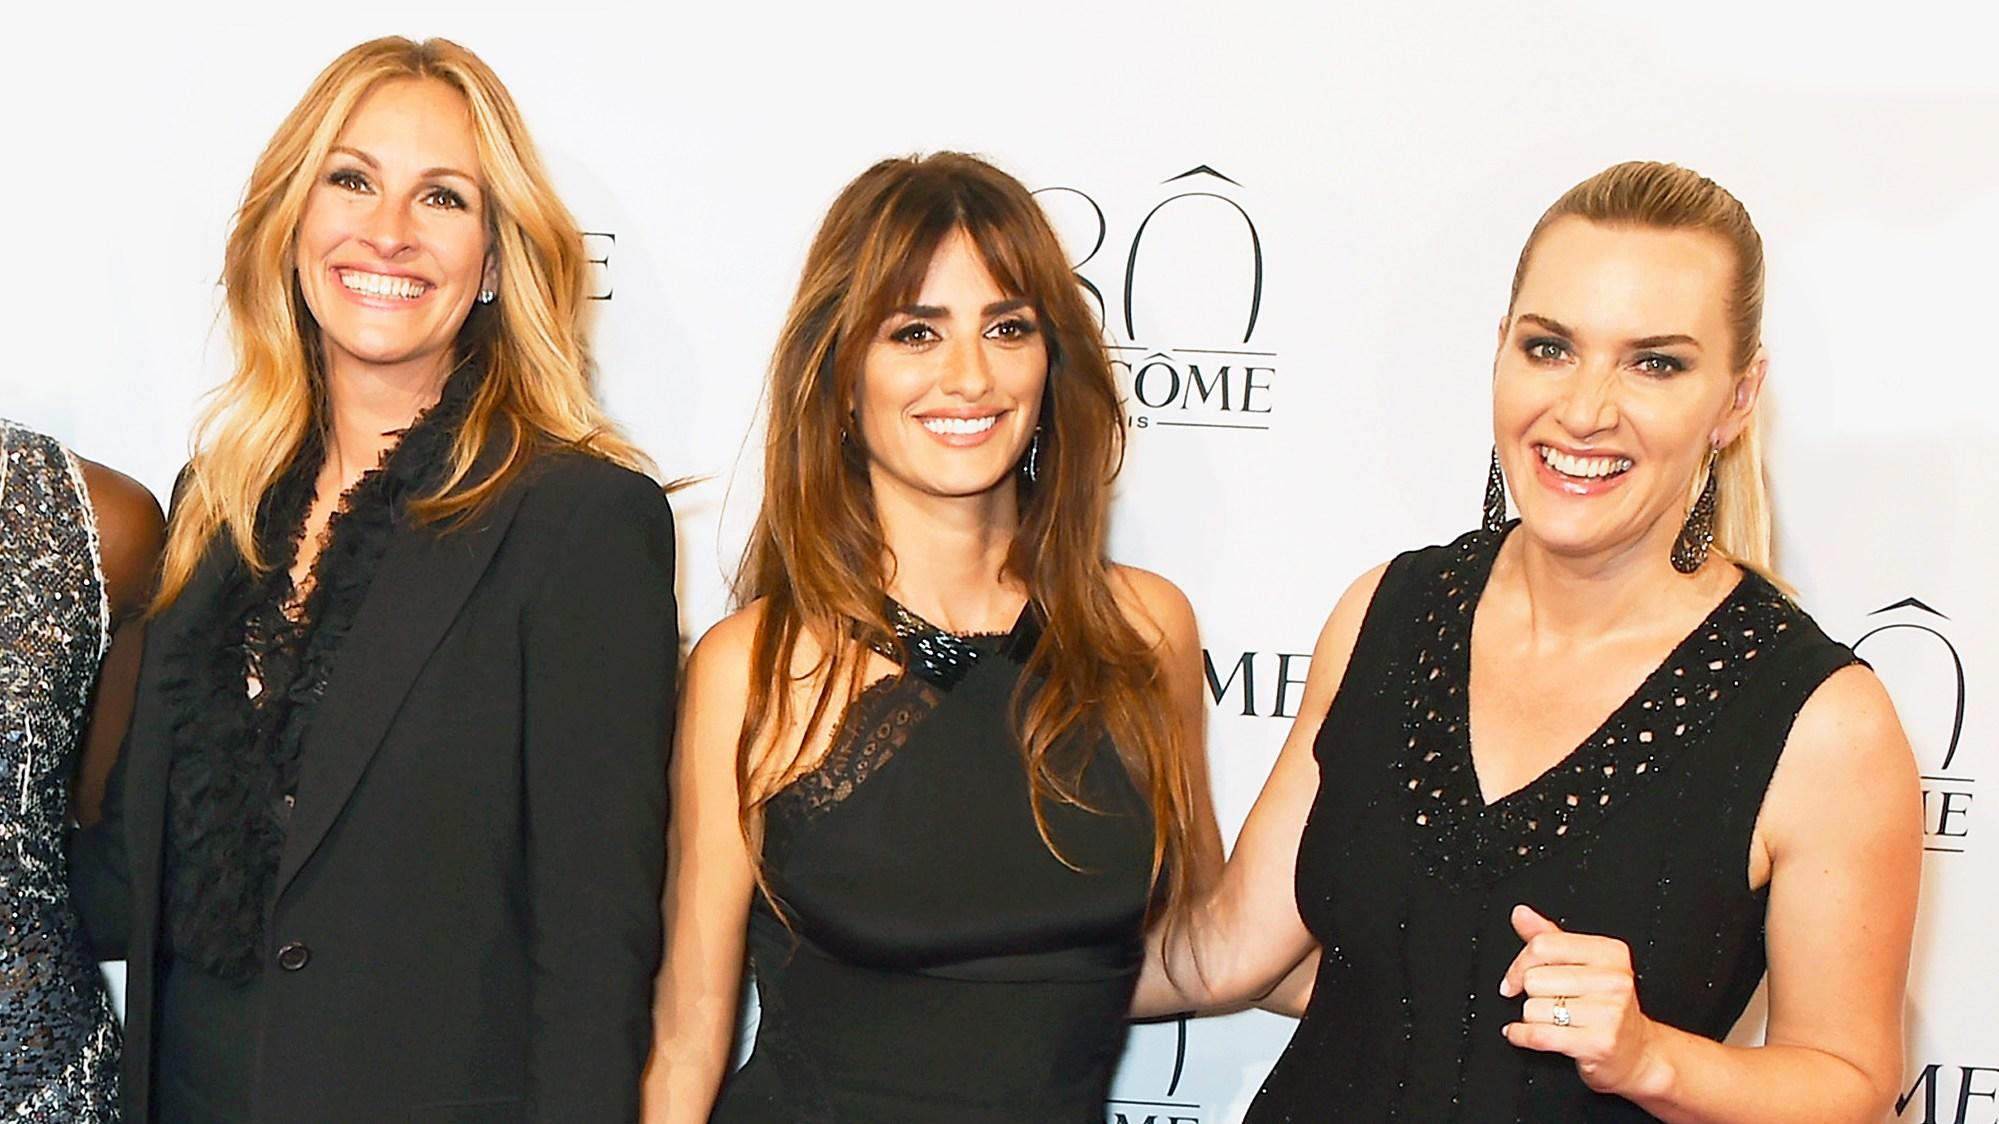 Julia Roberts, Penelope Cruz and Kate Winslet